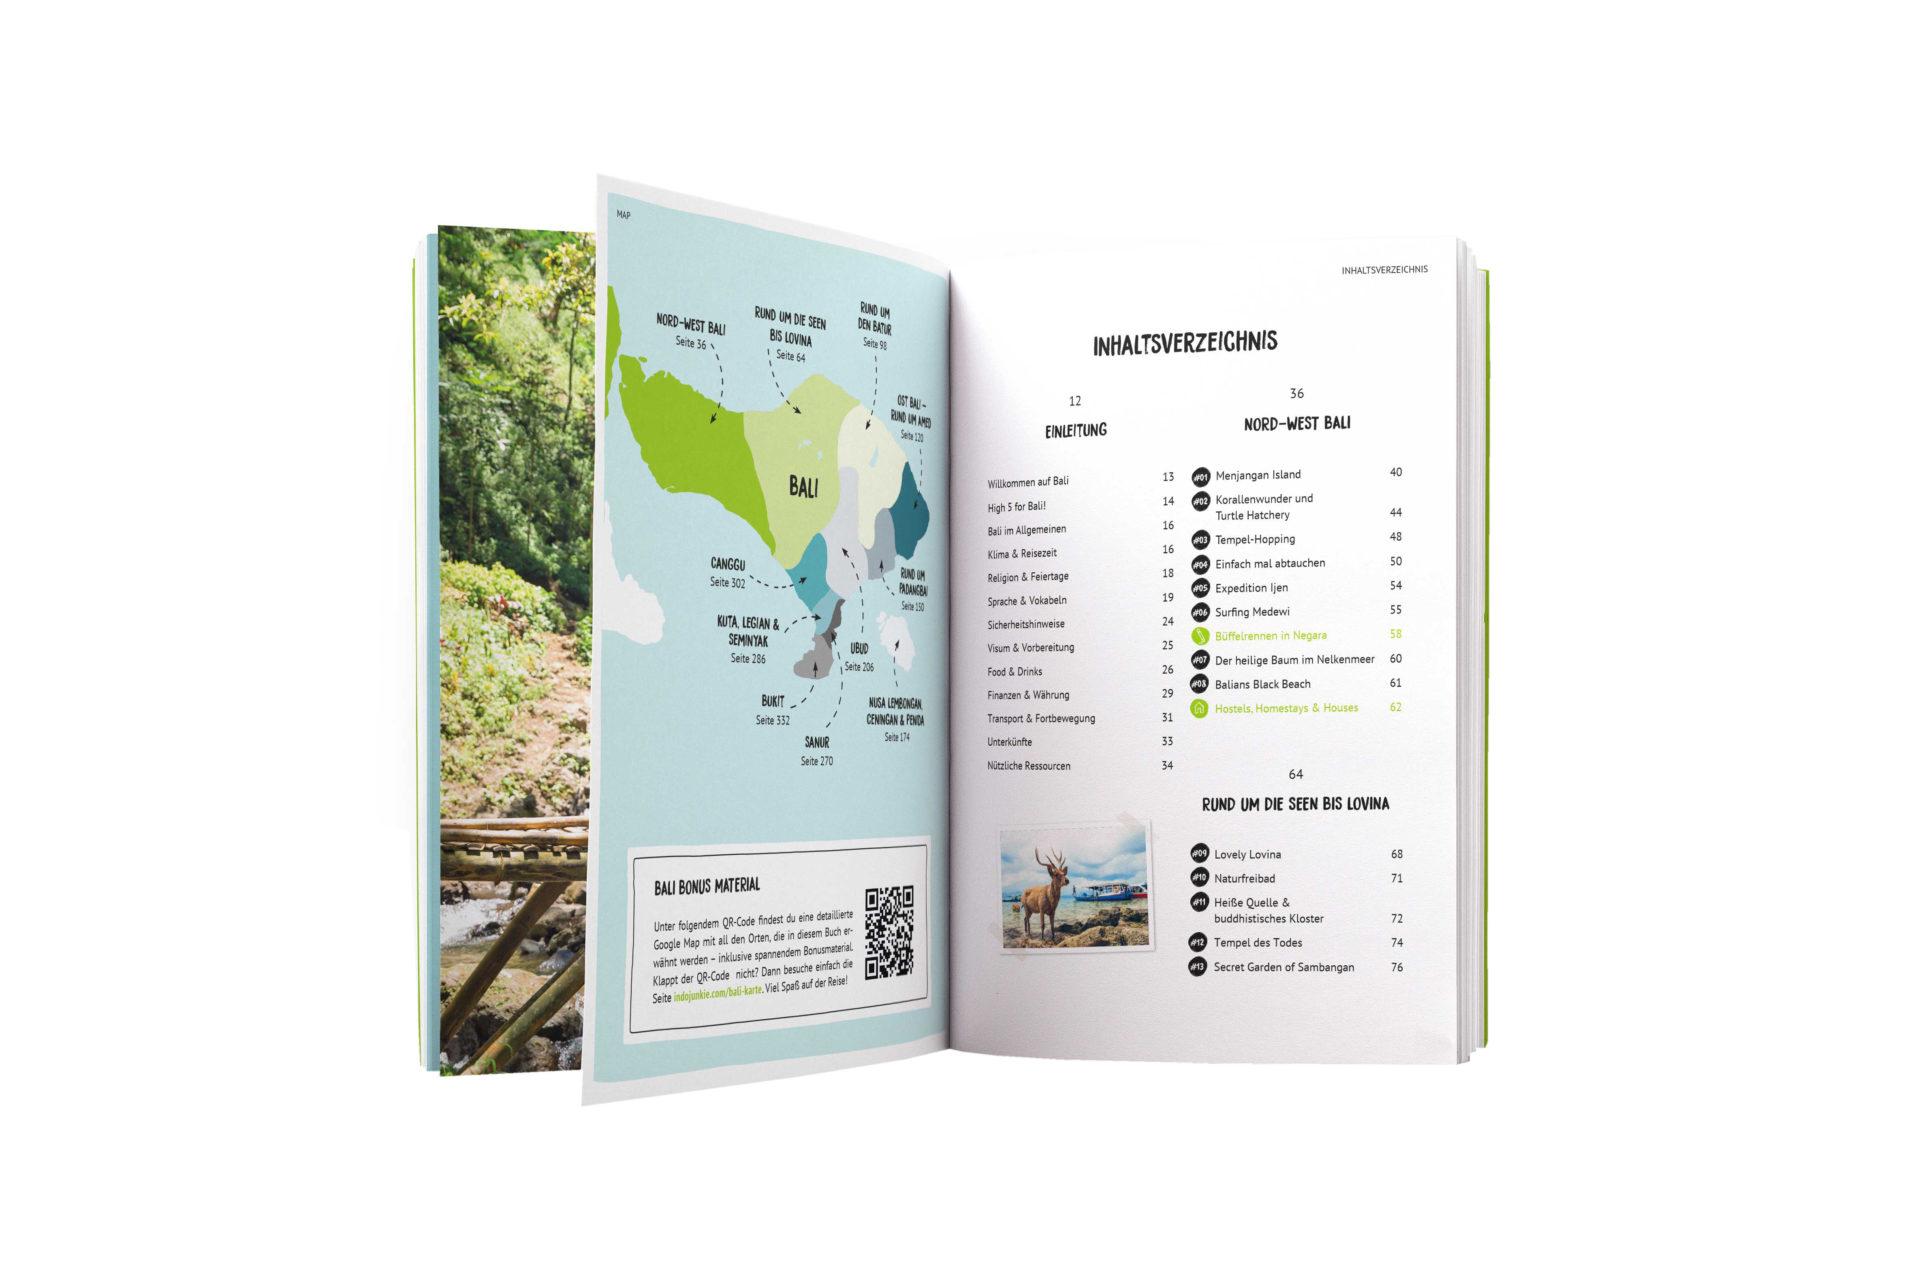 Inhaltsverzeichnis-Bali-Reisefuehrer